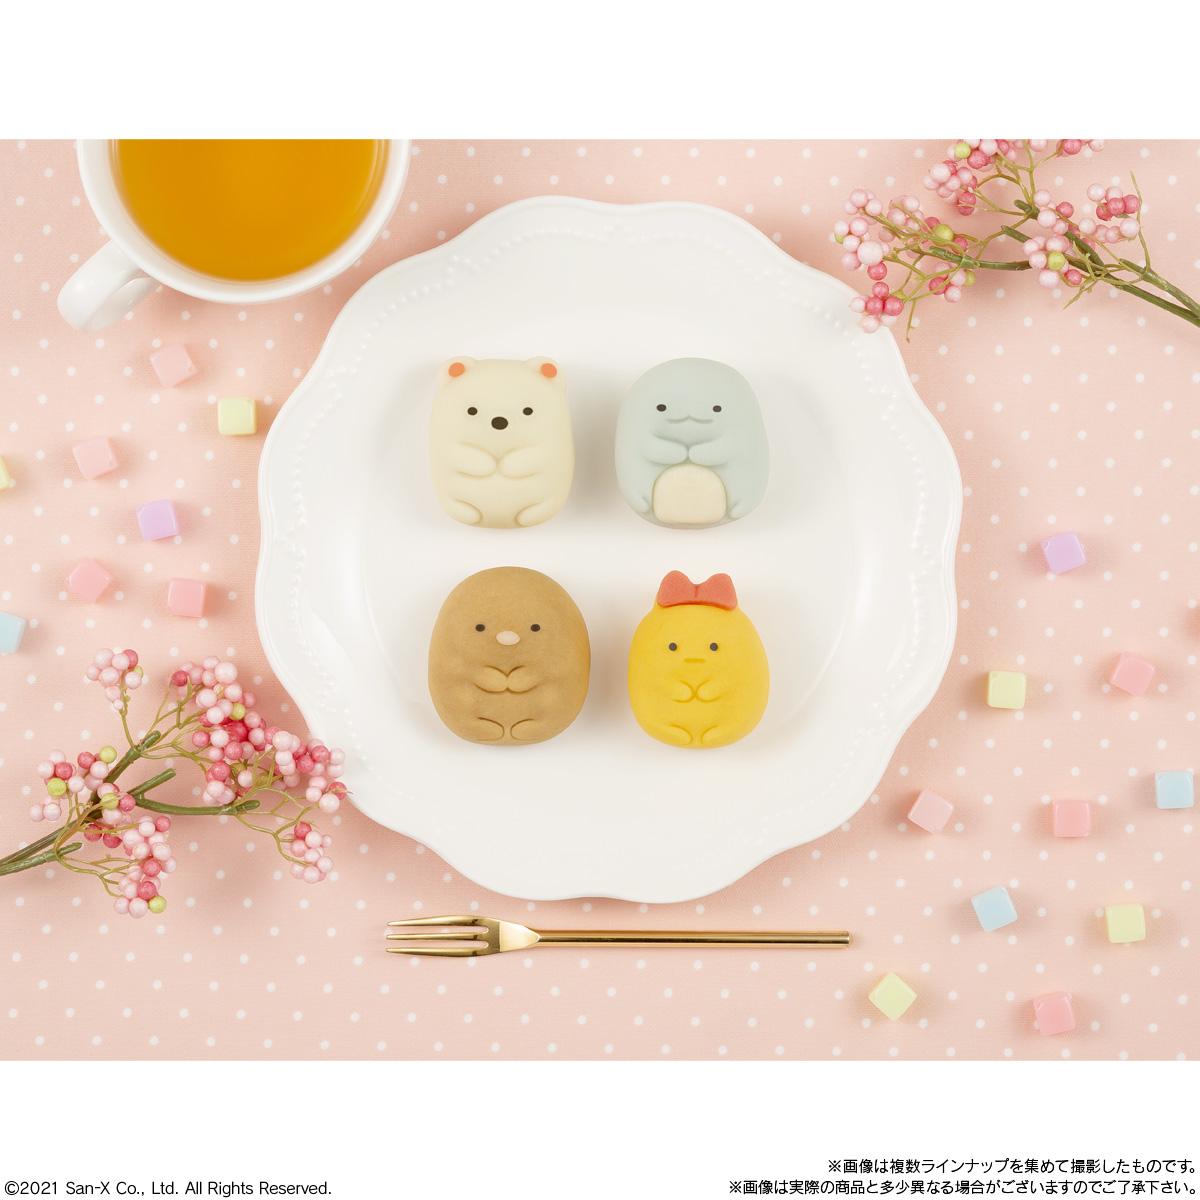 食べマス すみっコぐらし (しろくま・とかげ)_3